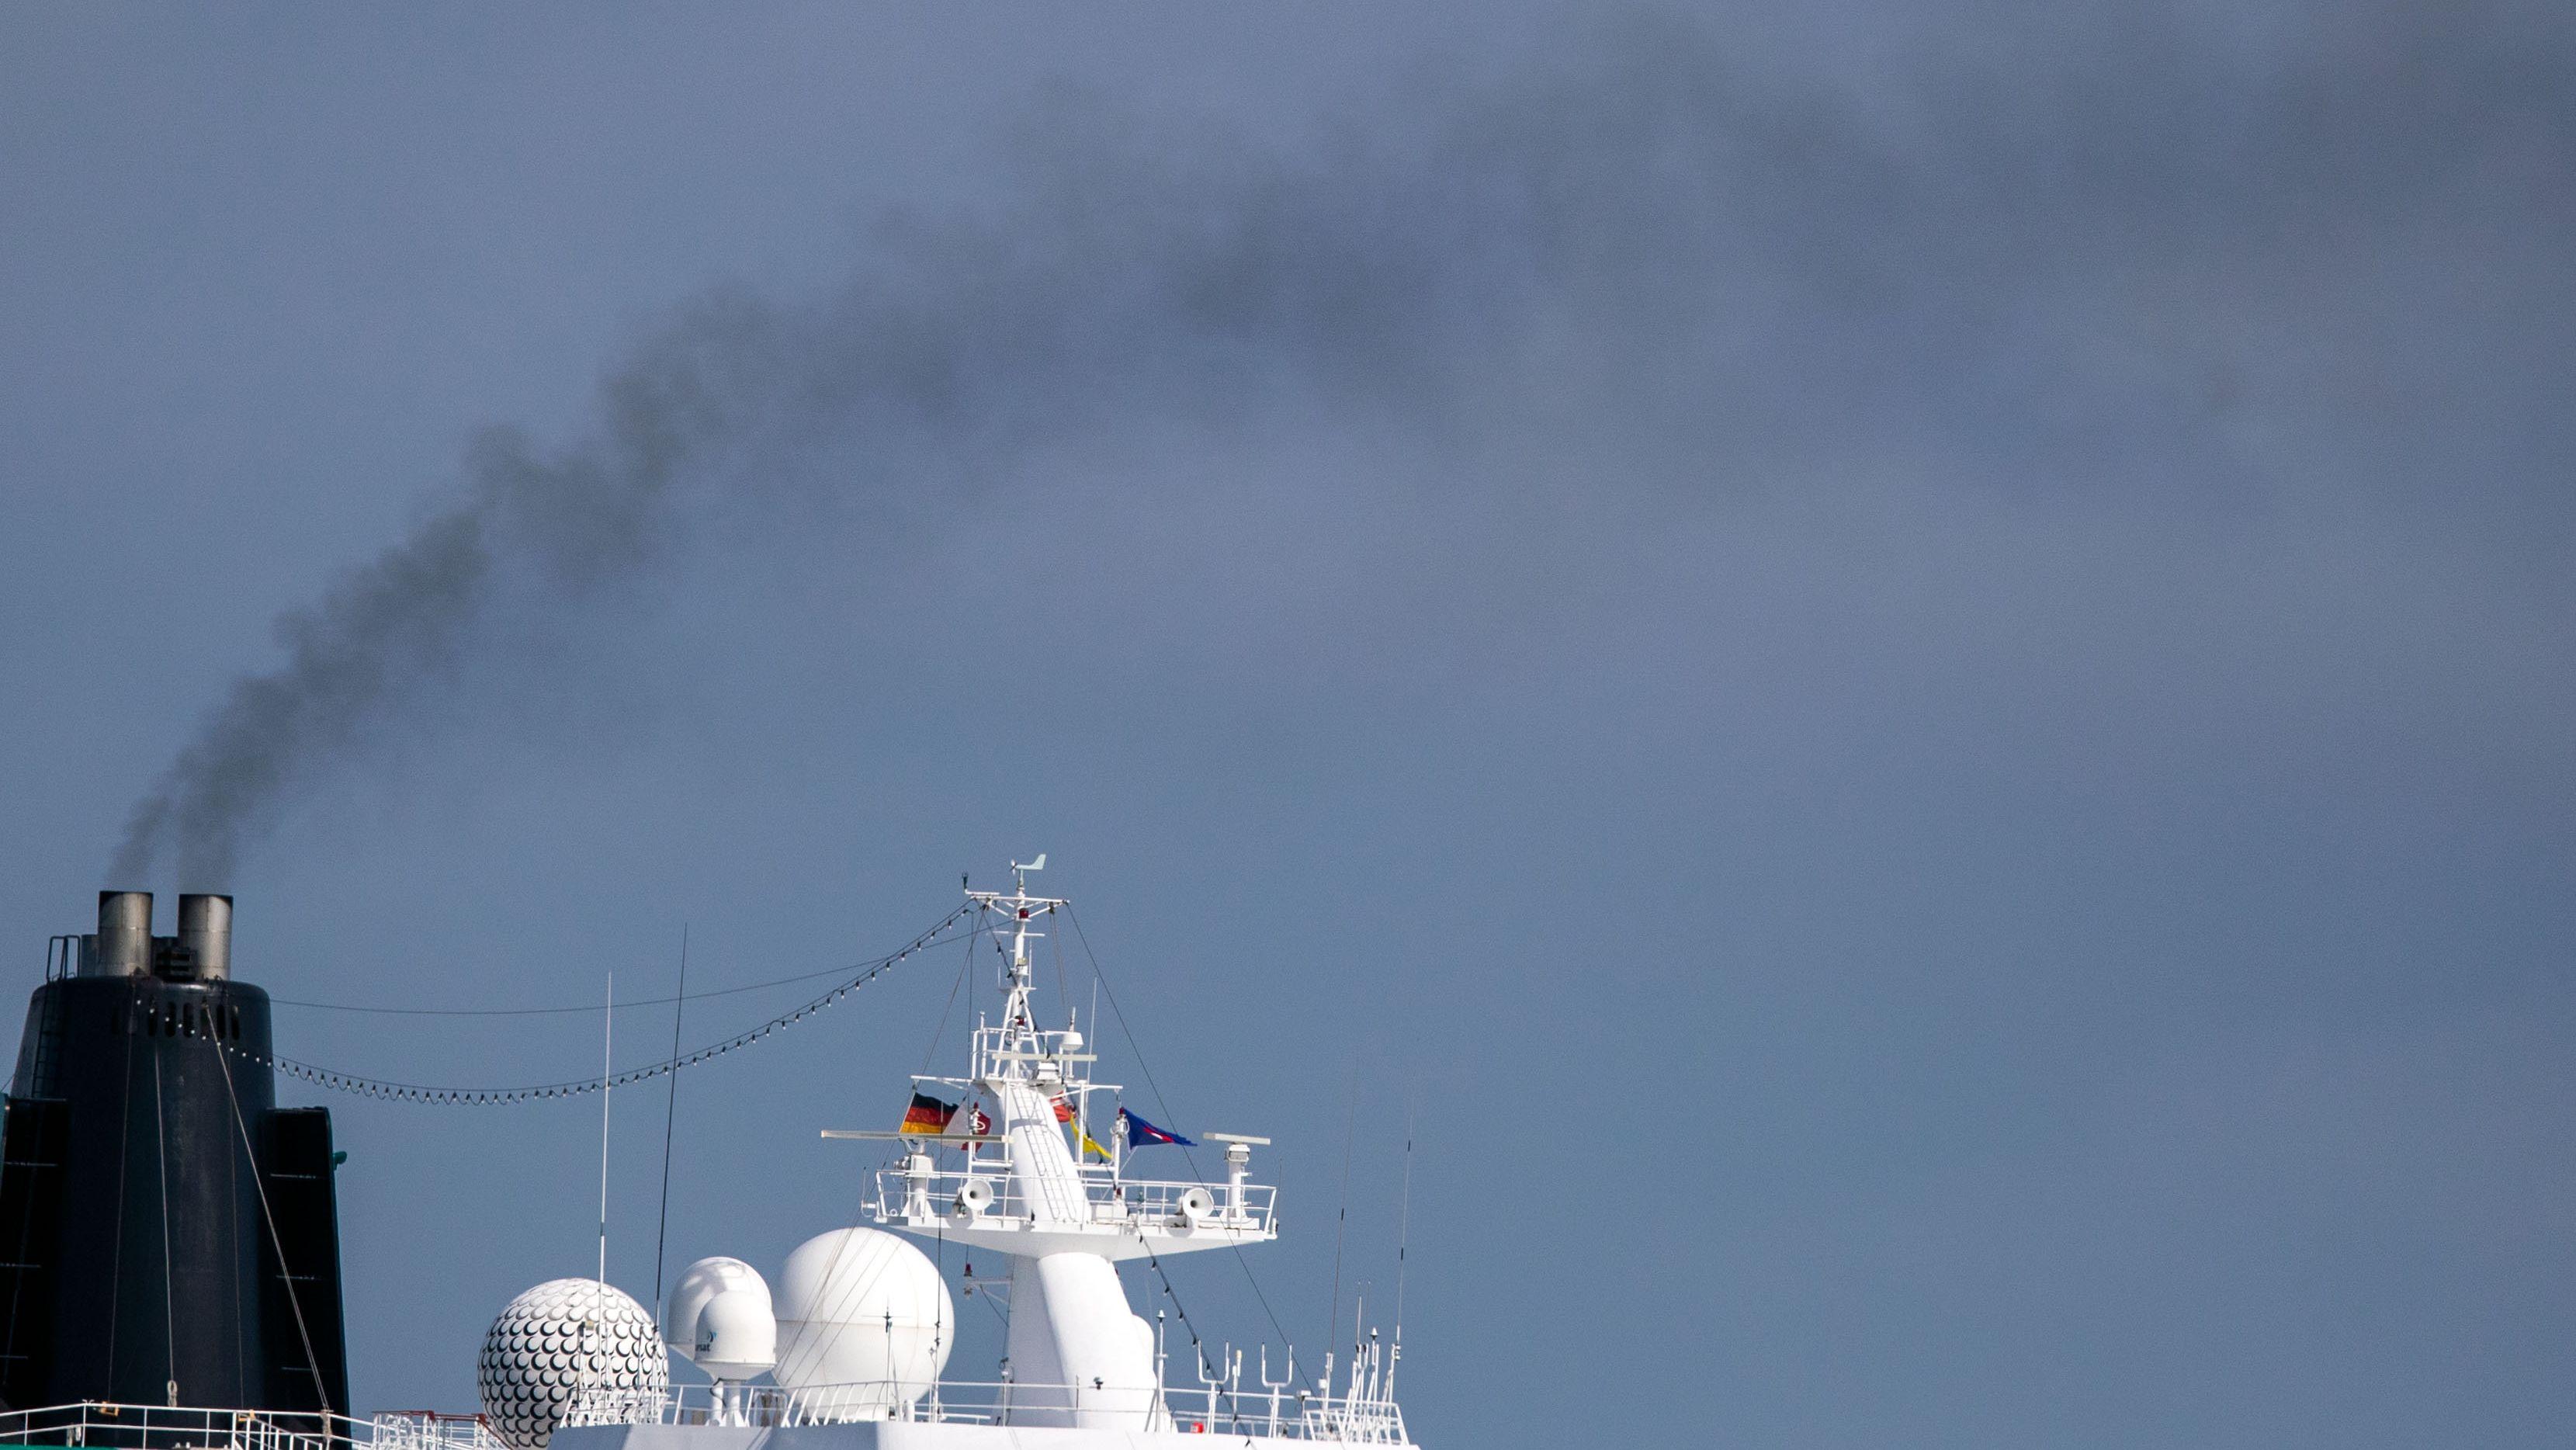 Aus dem Schornstein eines Kreuzfahrtschiffes steigt eine dunkle Rauchwolke auf (Symbolbild).